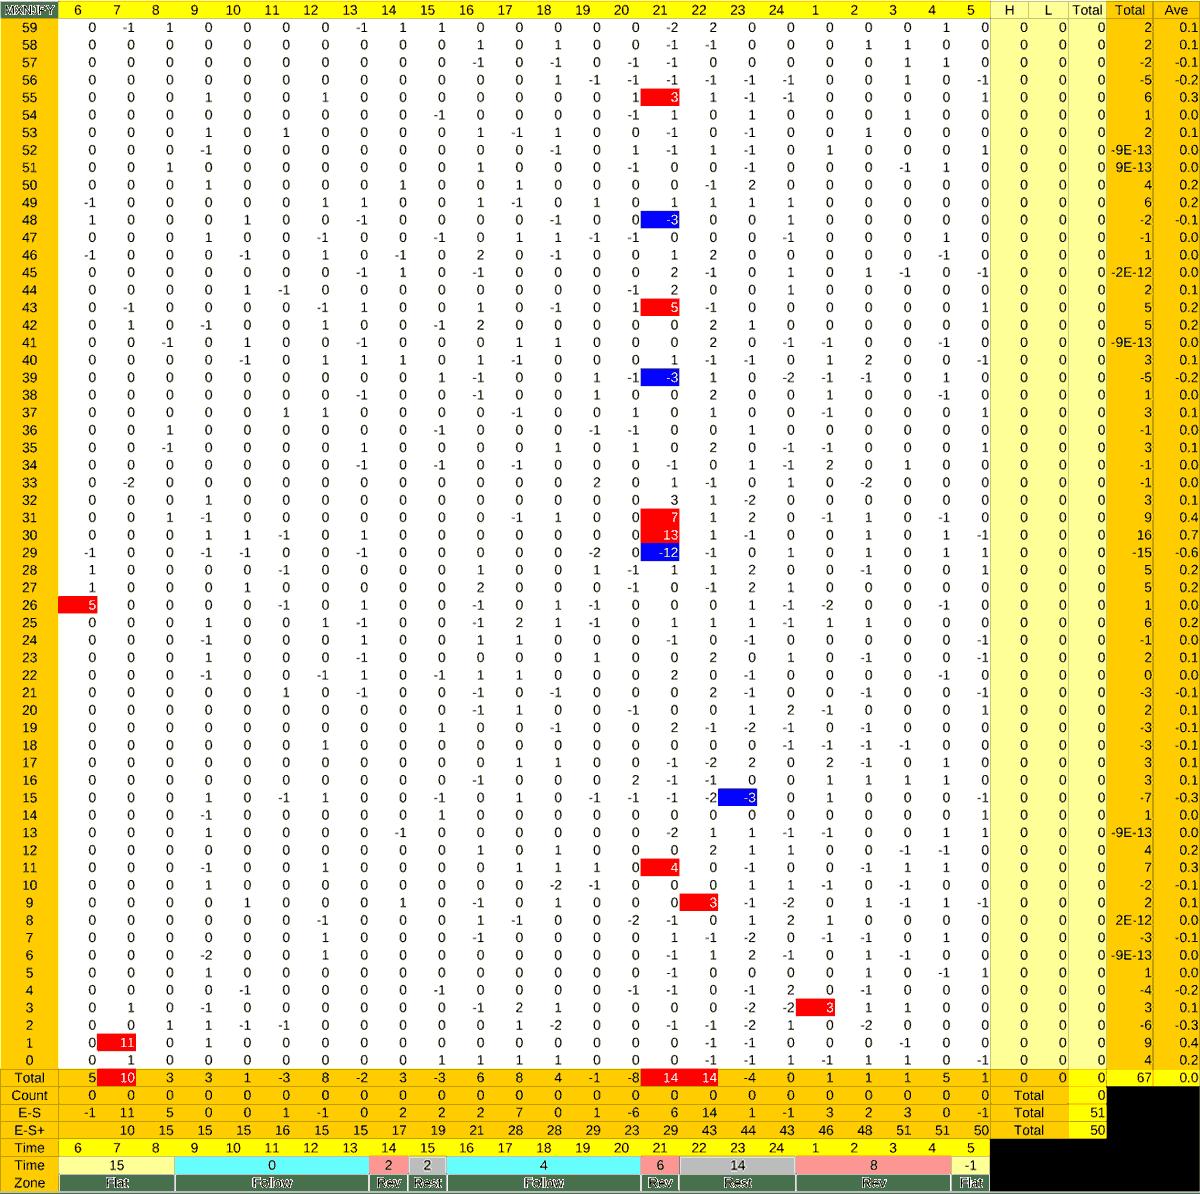 20210811_HS(3)MXNJPY-min